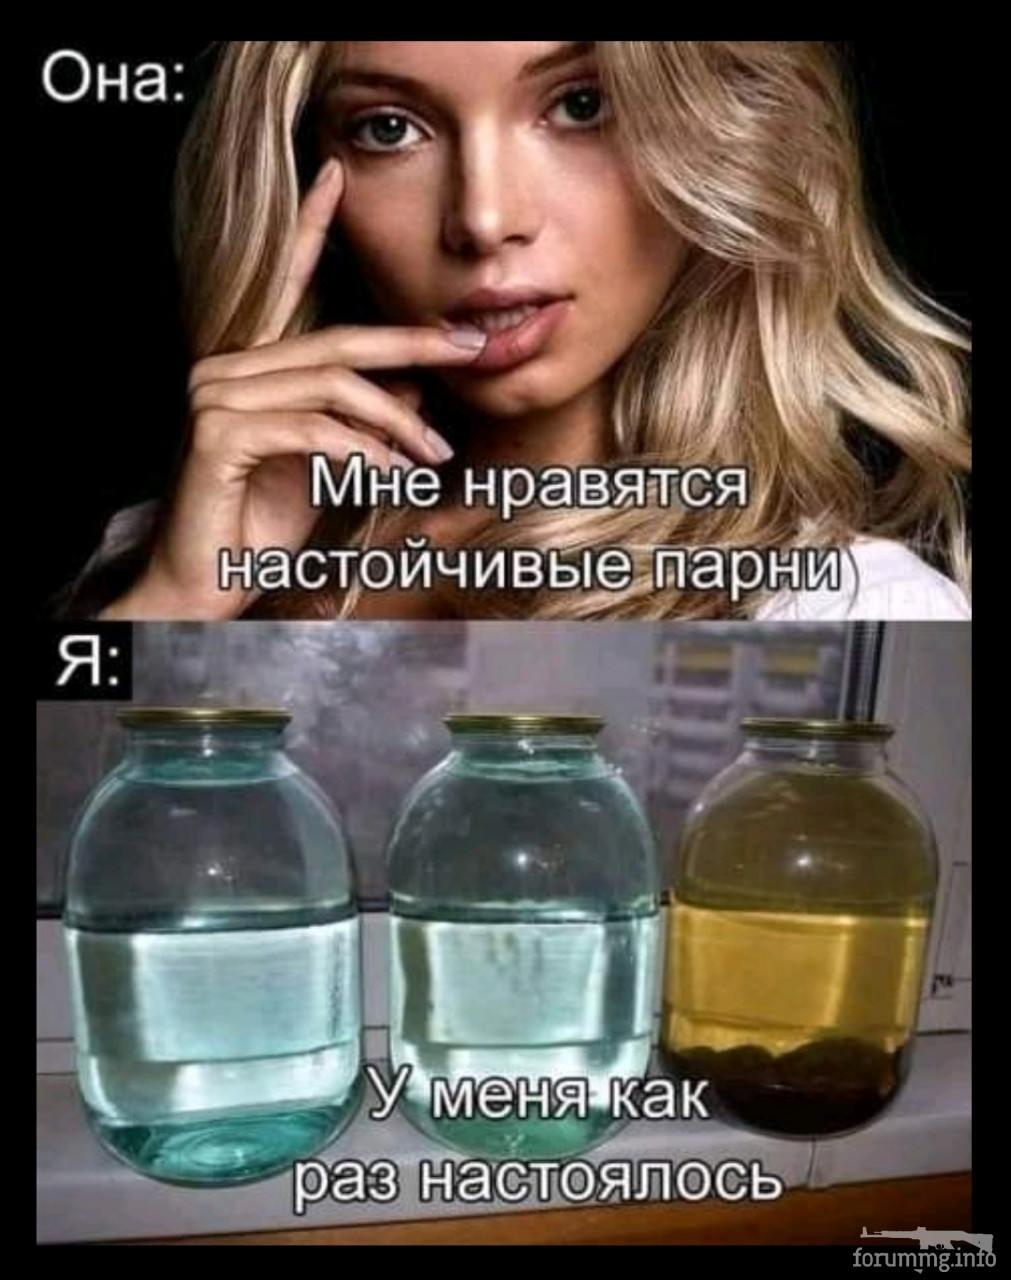 132760 - Пить или не пить? - пятничная алкогольная тема )))